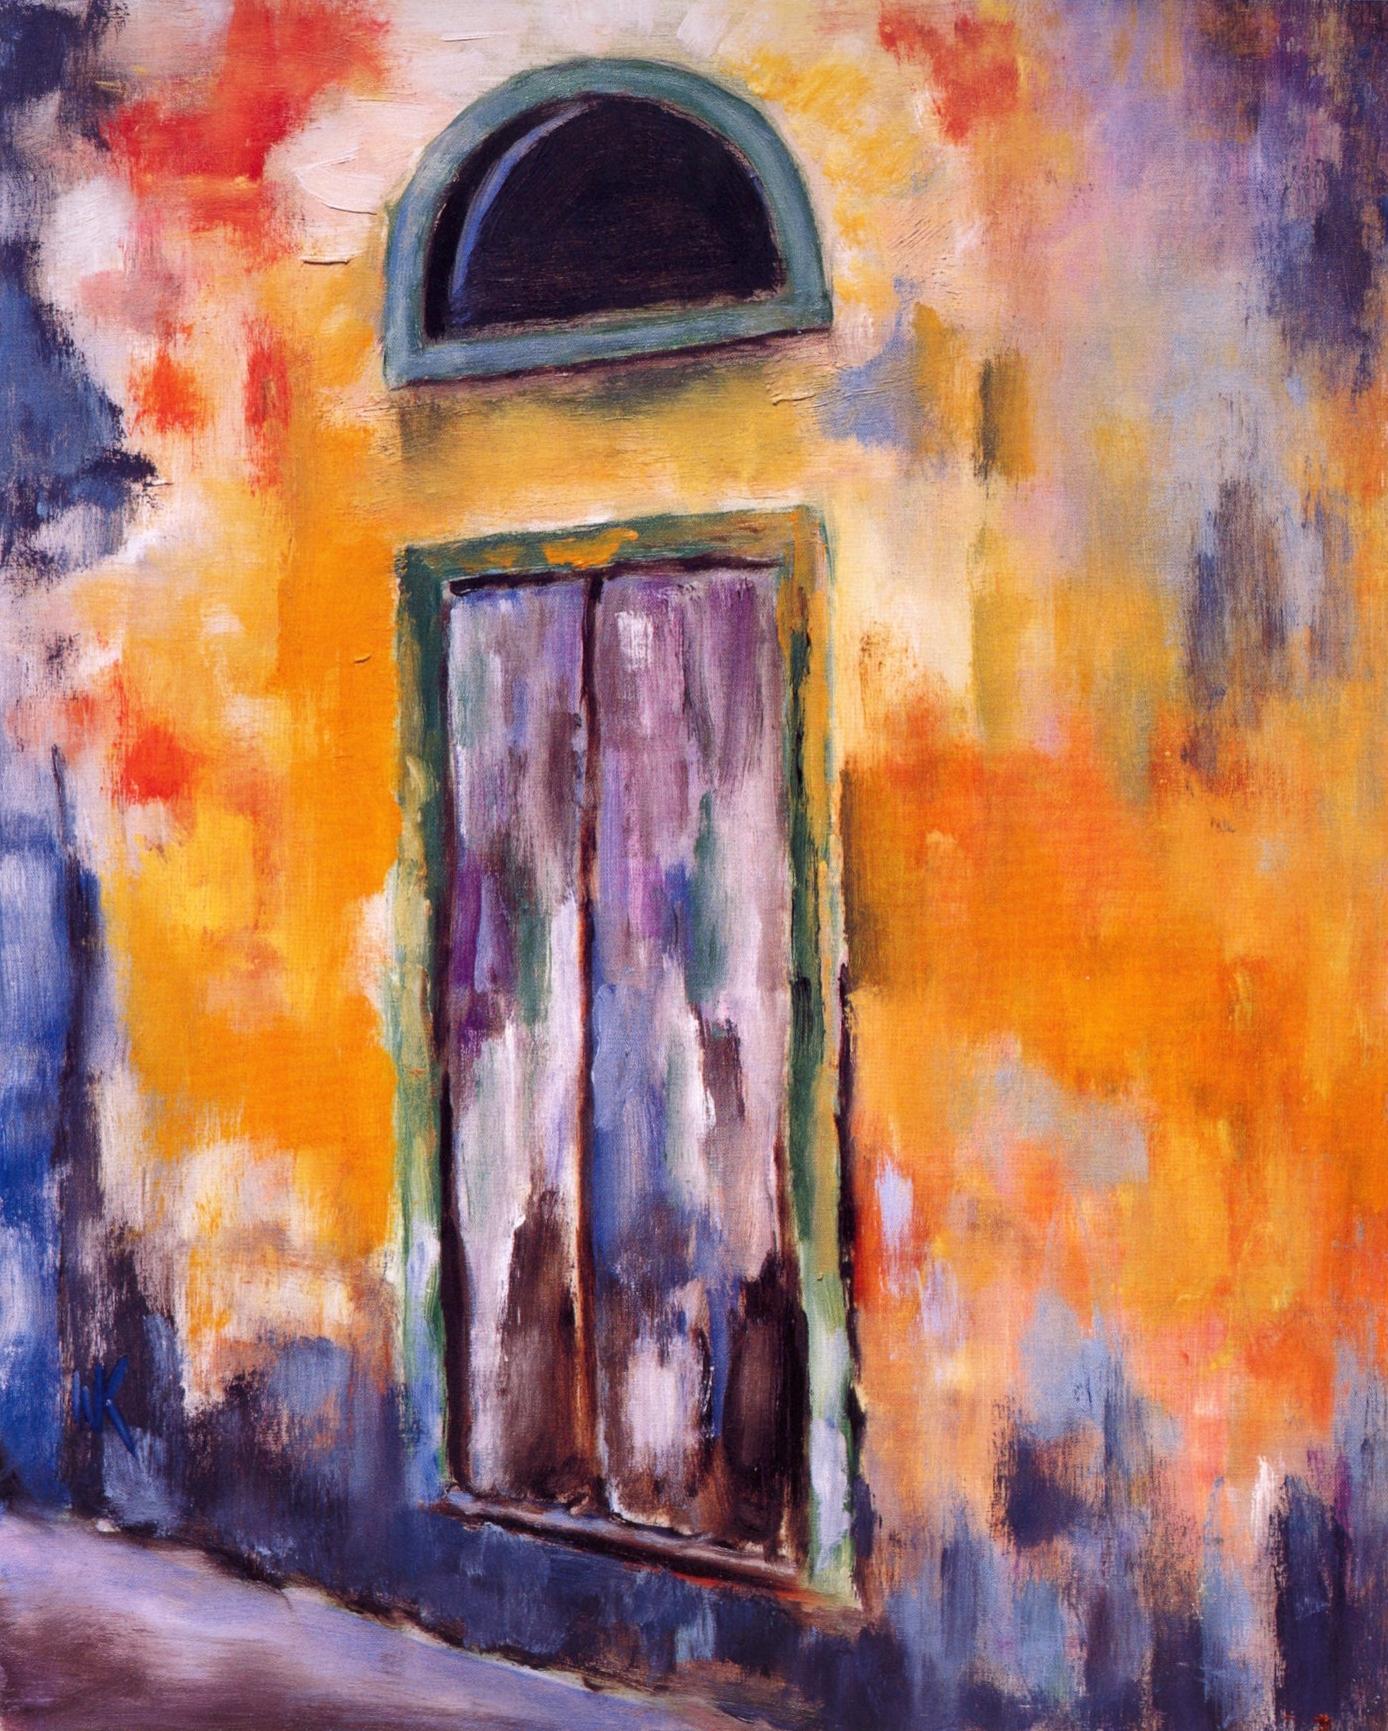 La Porta Radda In Chianti   Oil on canvas, 20'' x 24'', 2004